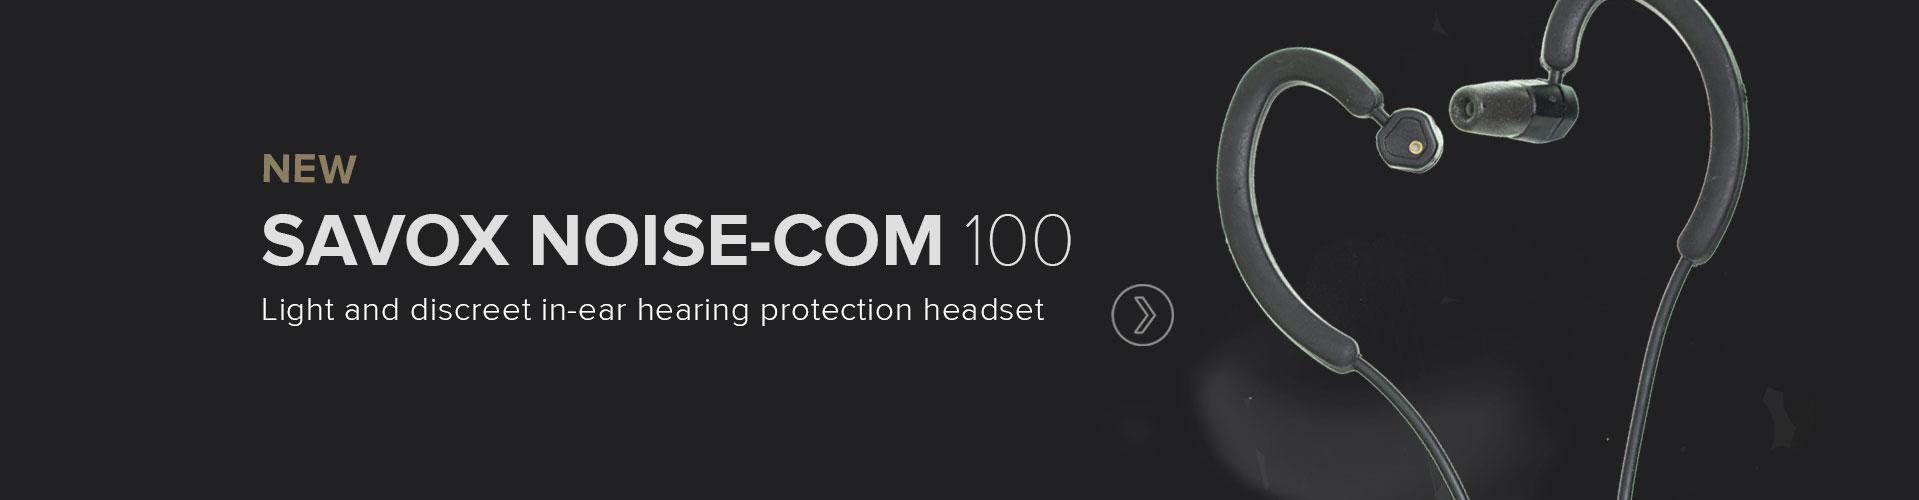 Noise-COM 100